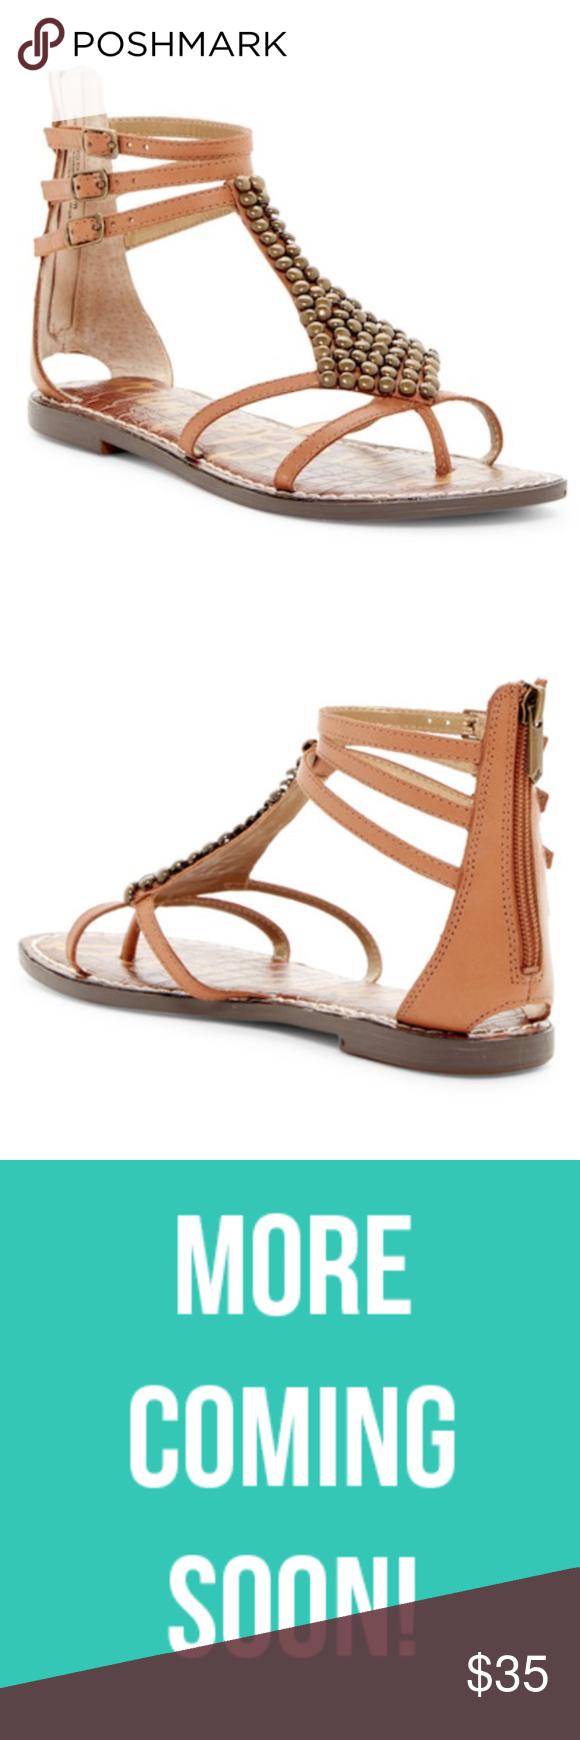 Sam Edelman Ginger Beaded Gladiator Sandal